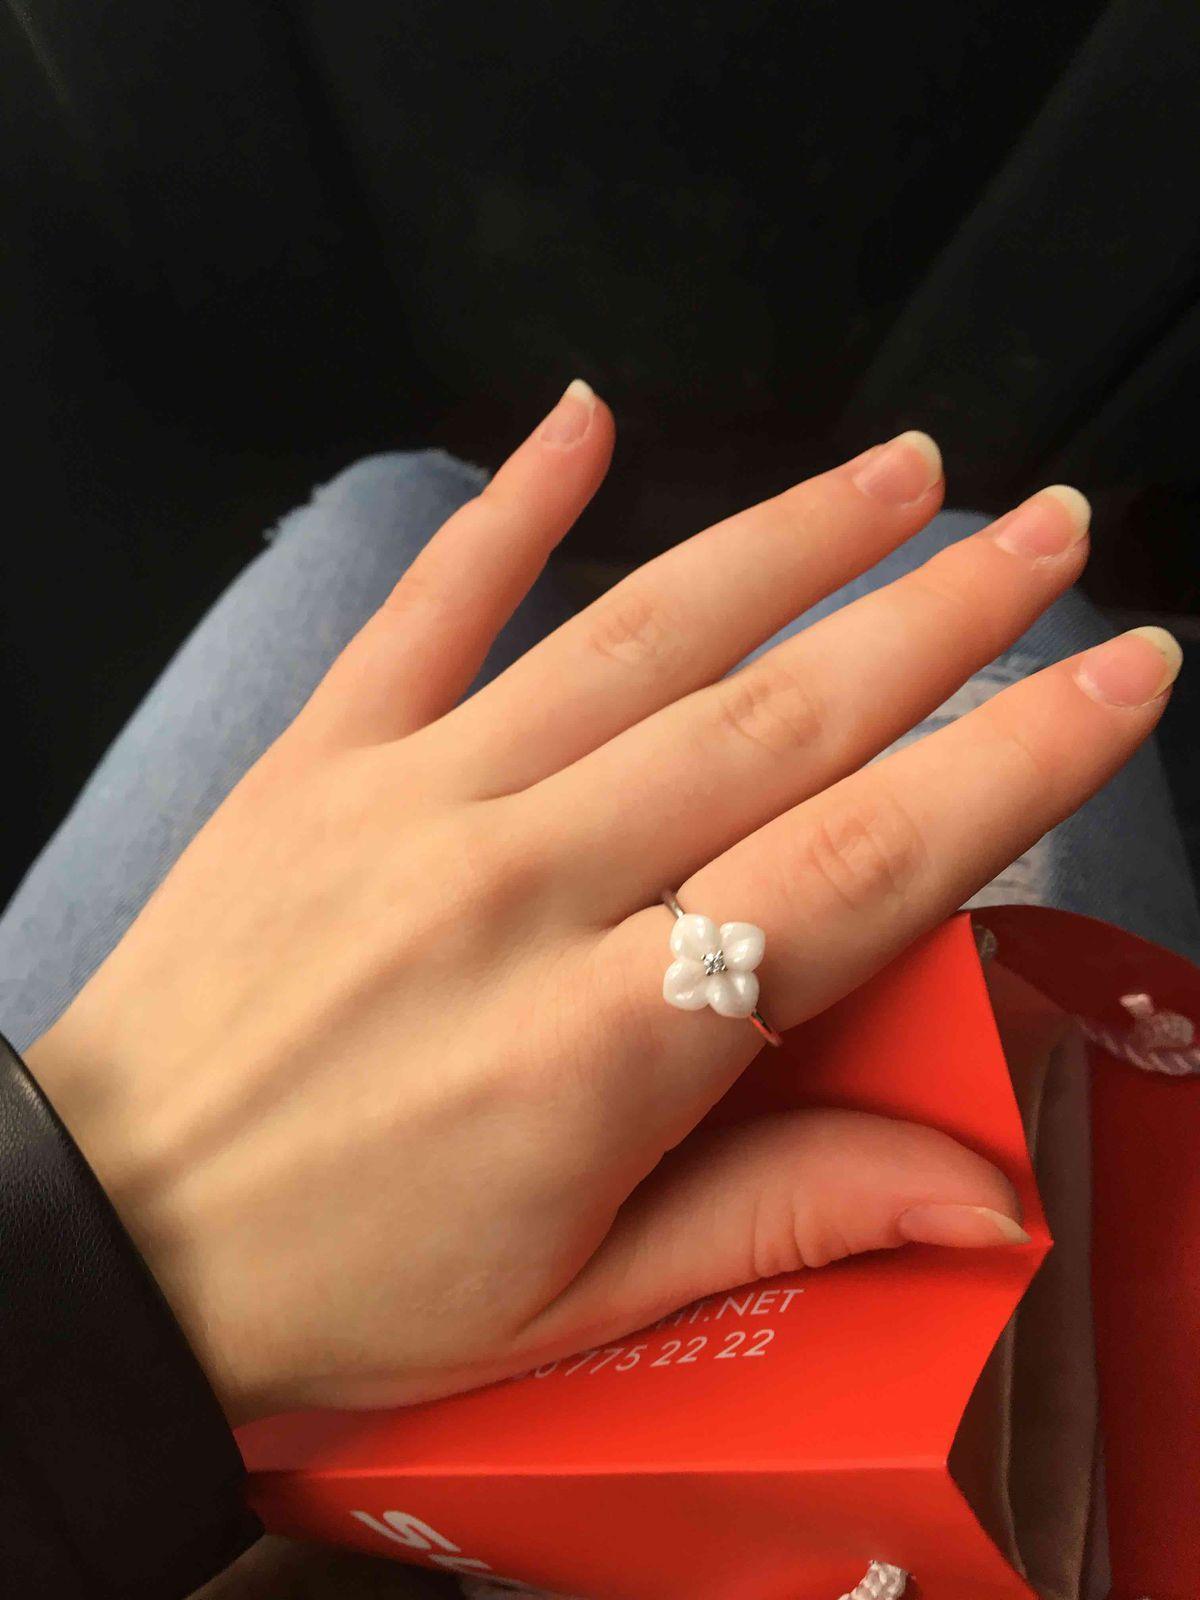 Я влюблена в это кольцо!